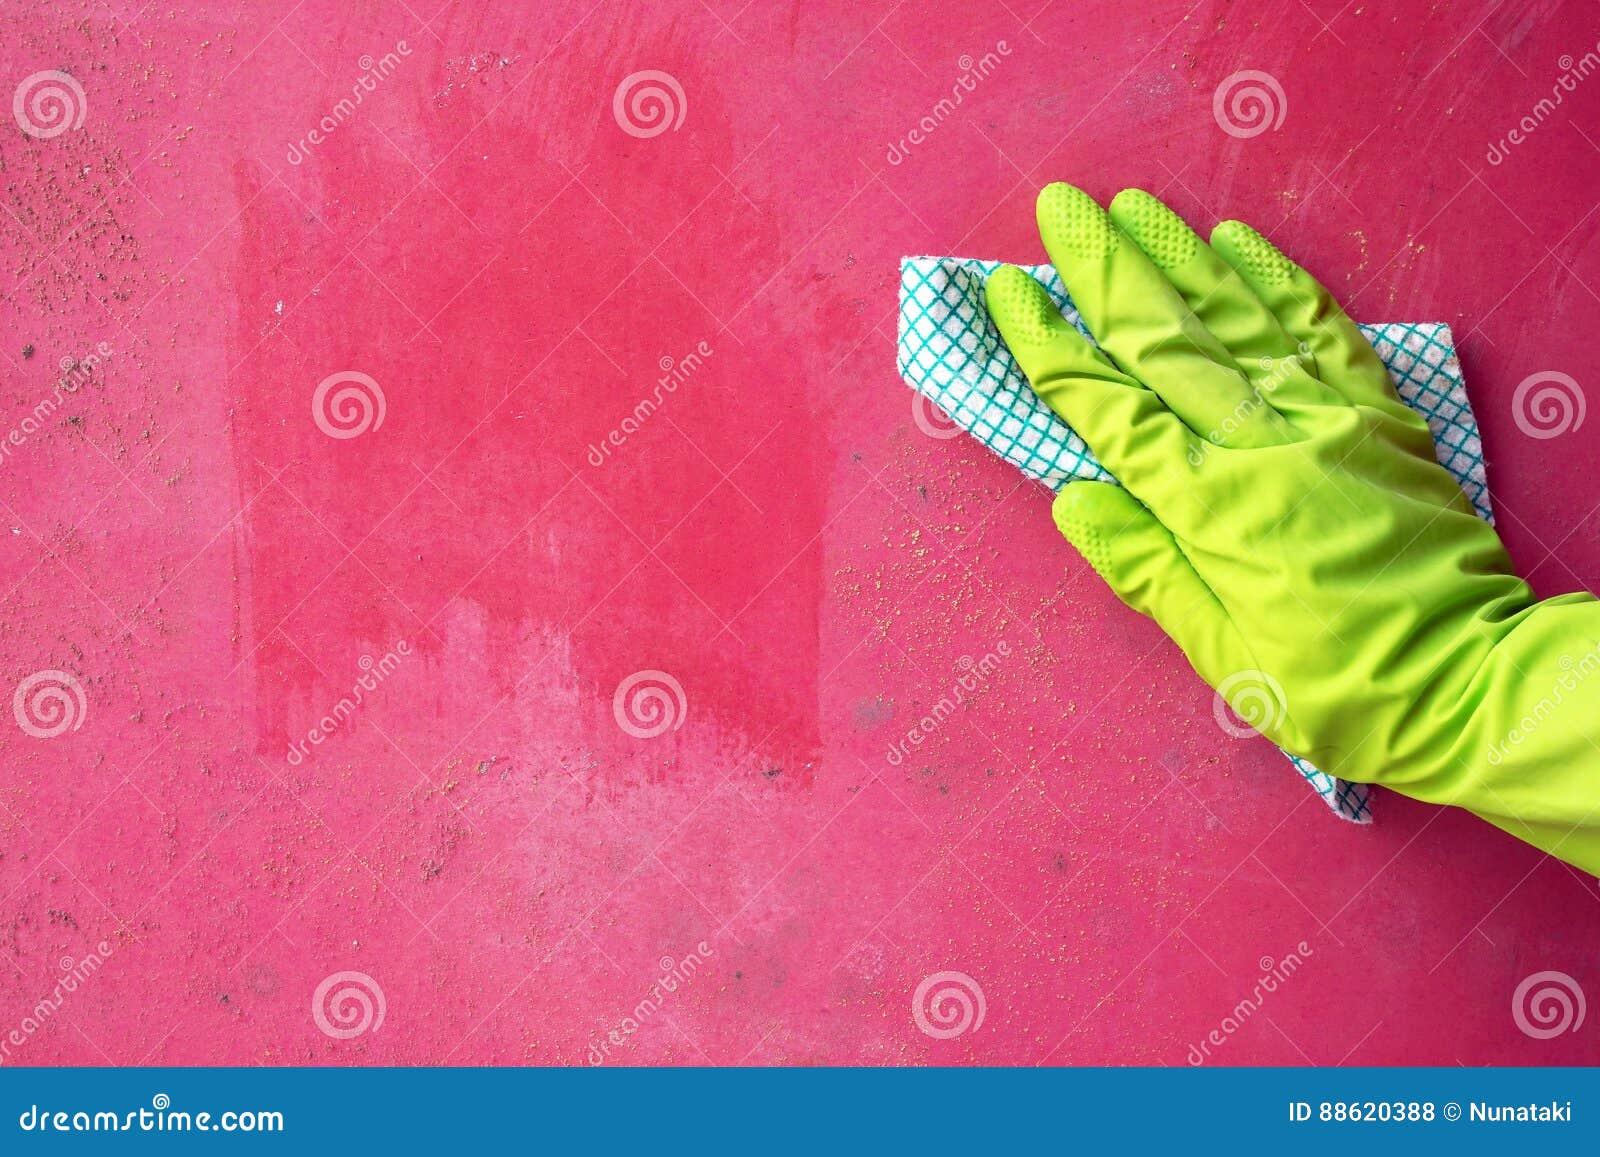 使用旧布,关闭人手清洁从墙壁的霉菌